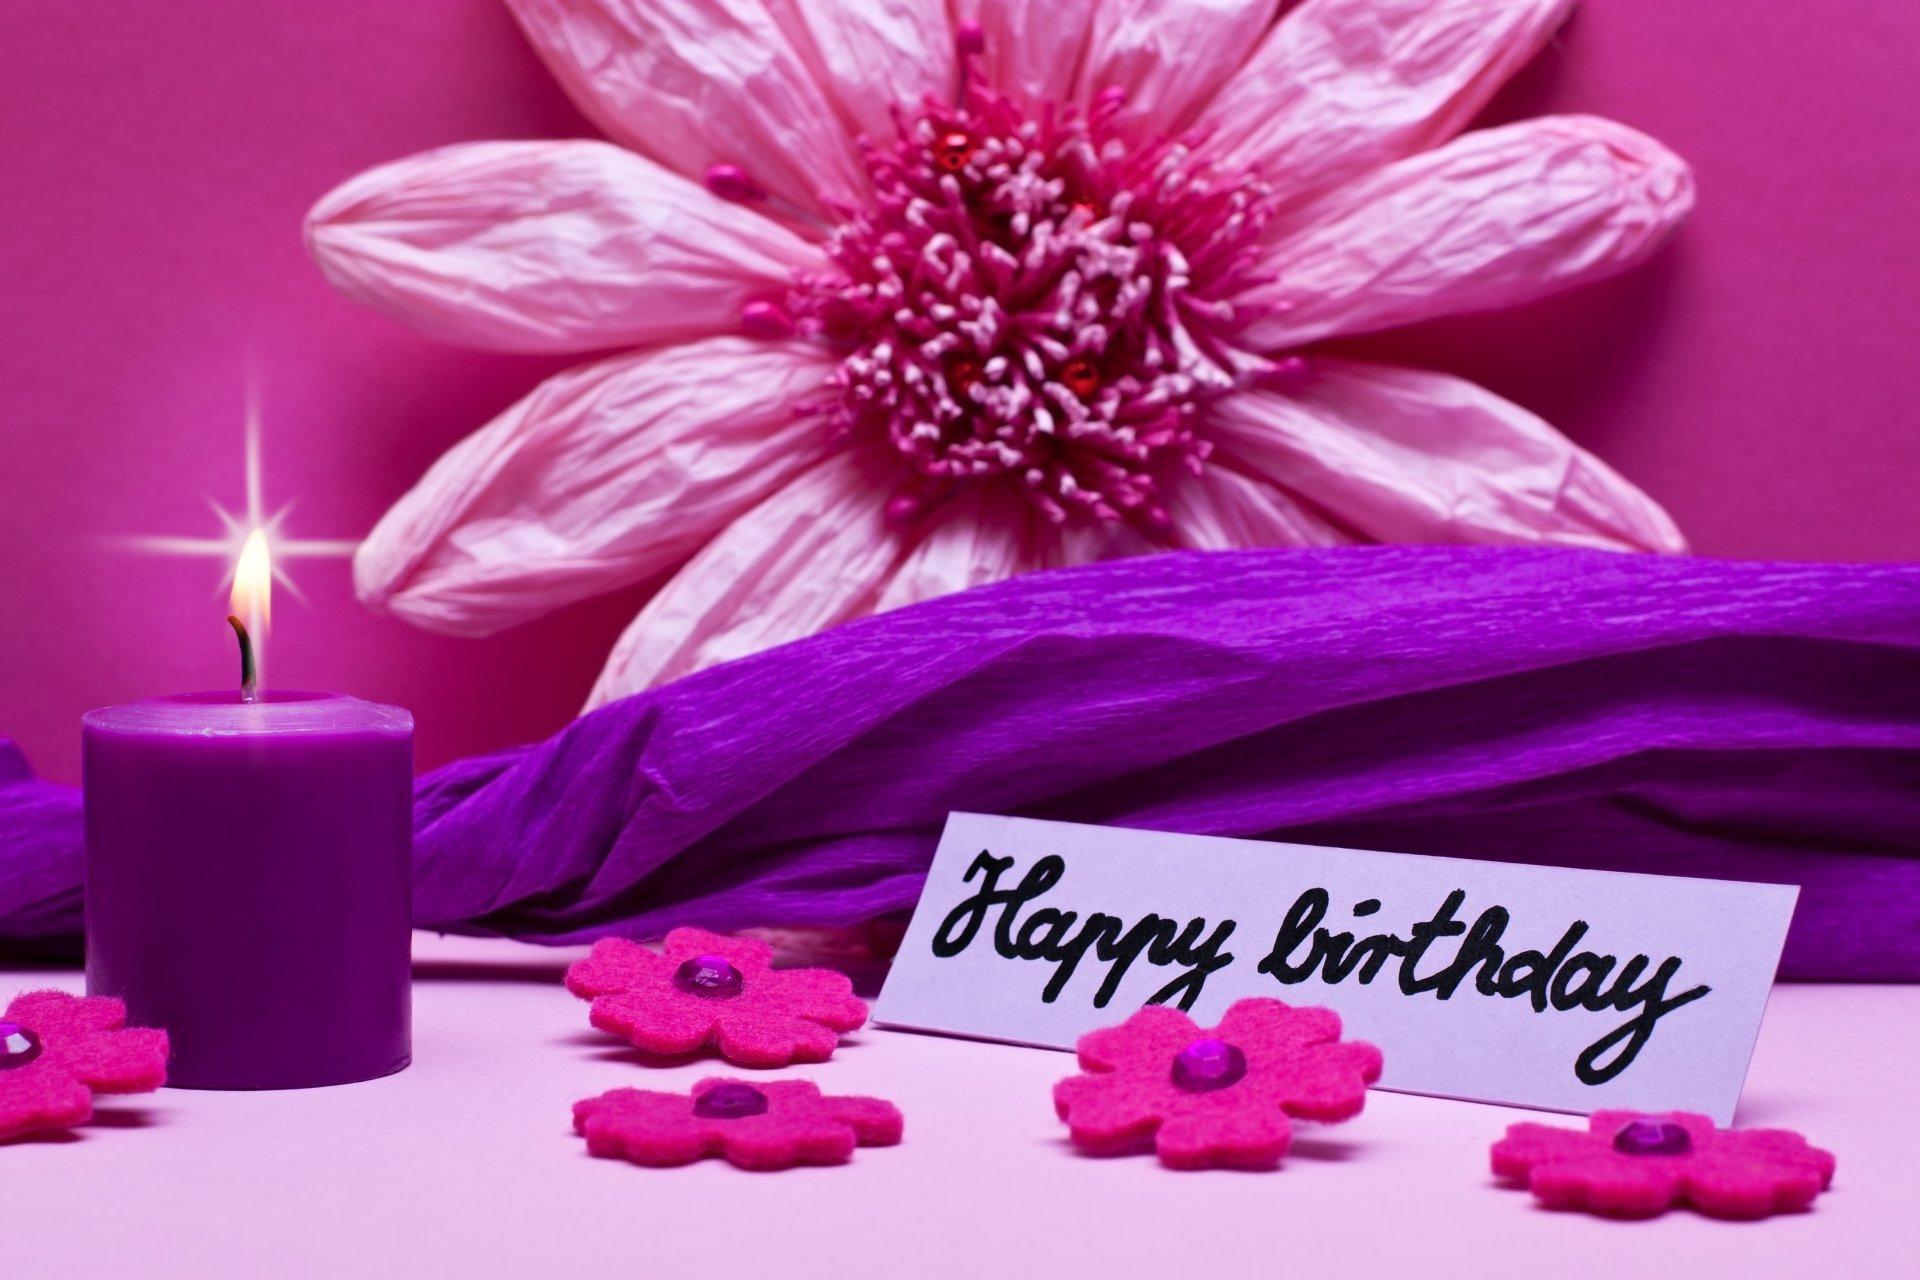 С днем рождения открытка лиловая, картинки поздравления слова